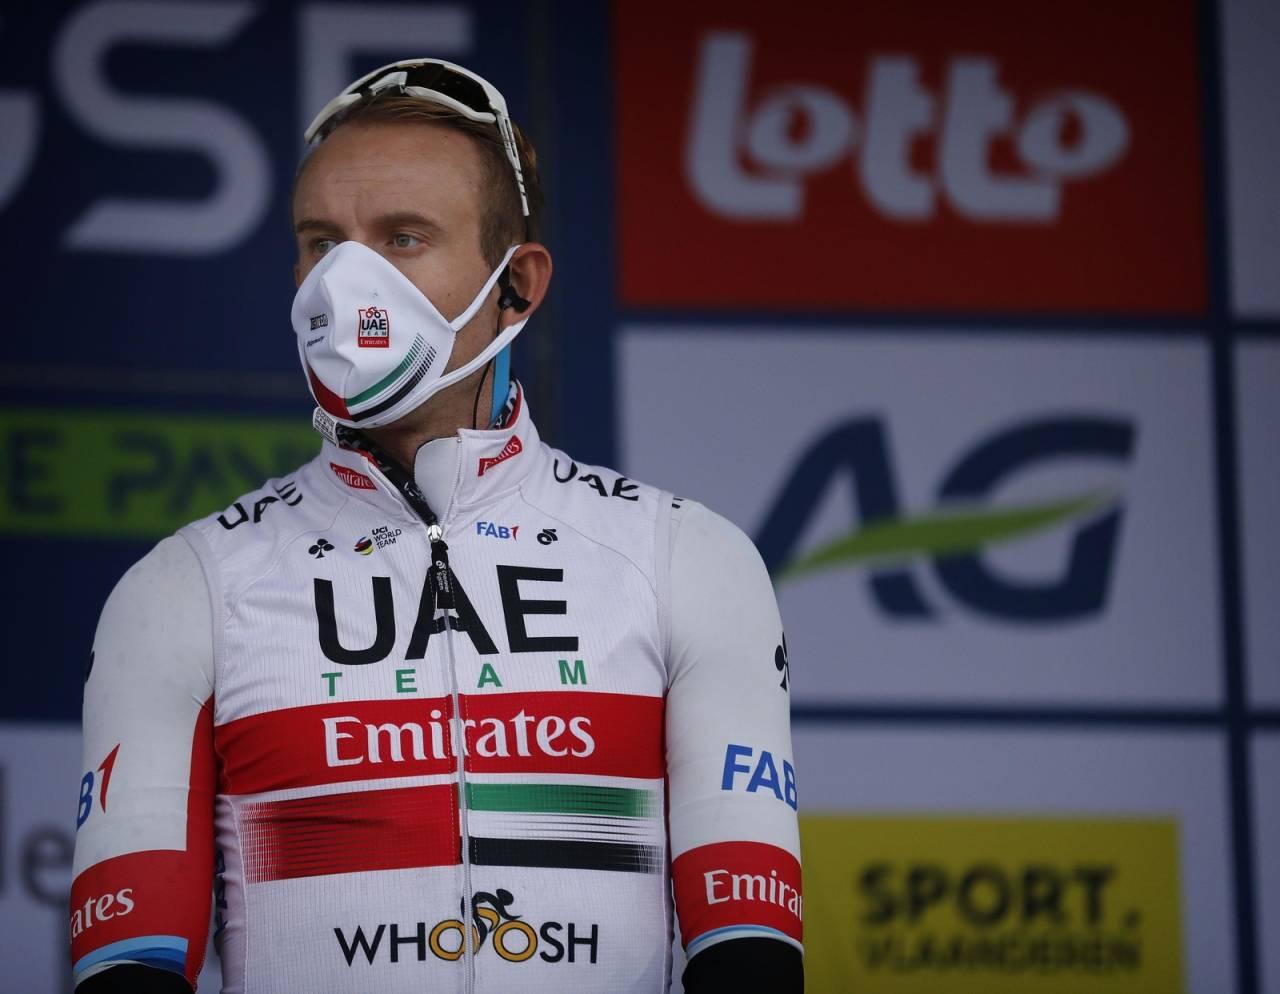 BLE VAKSINERT: Fredag fikk Alexander Kristoff og resten av UAE Team Emirates koronavaksine. FOTO: Cor Vos